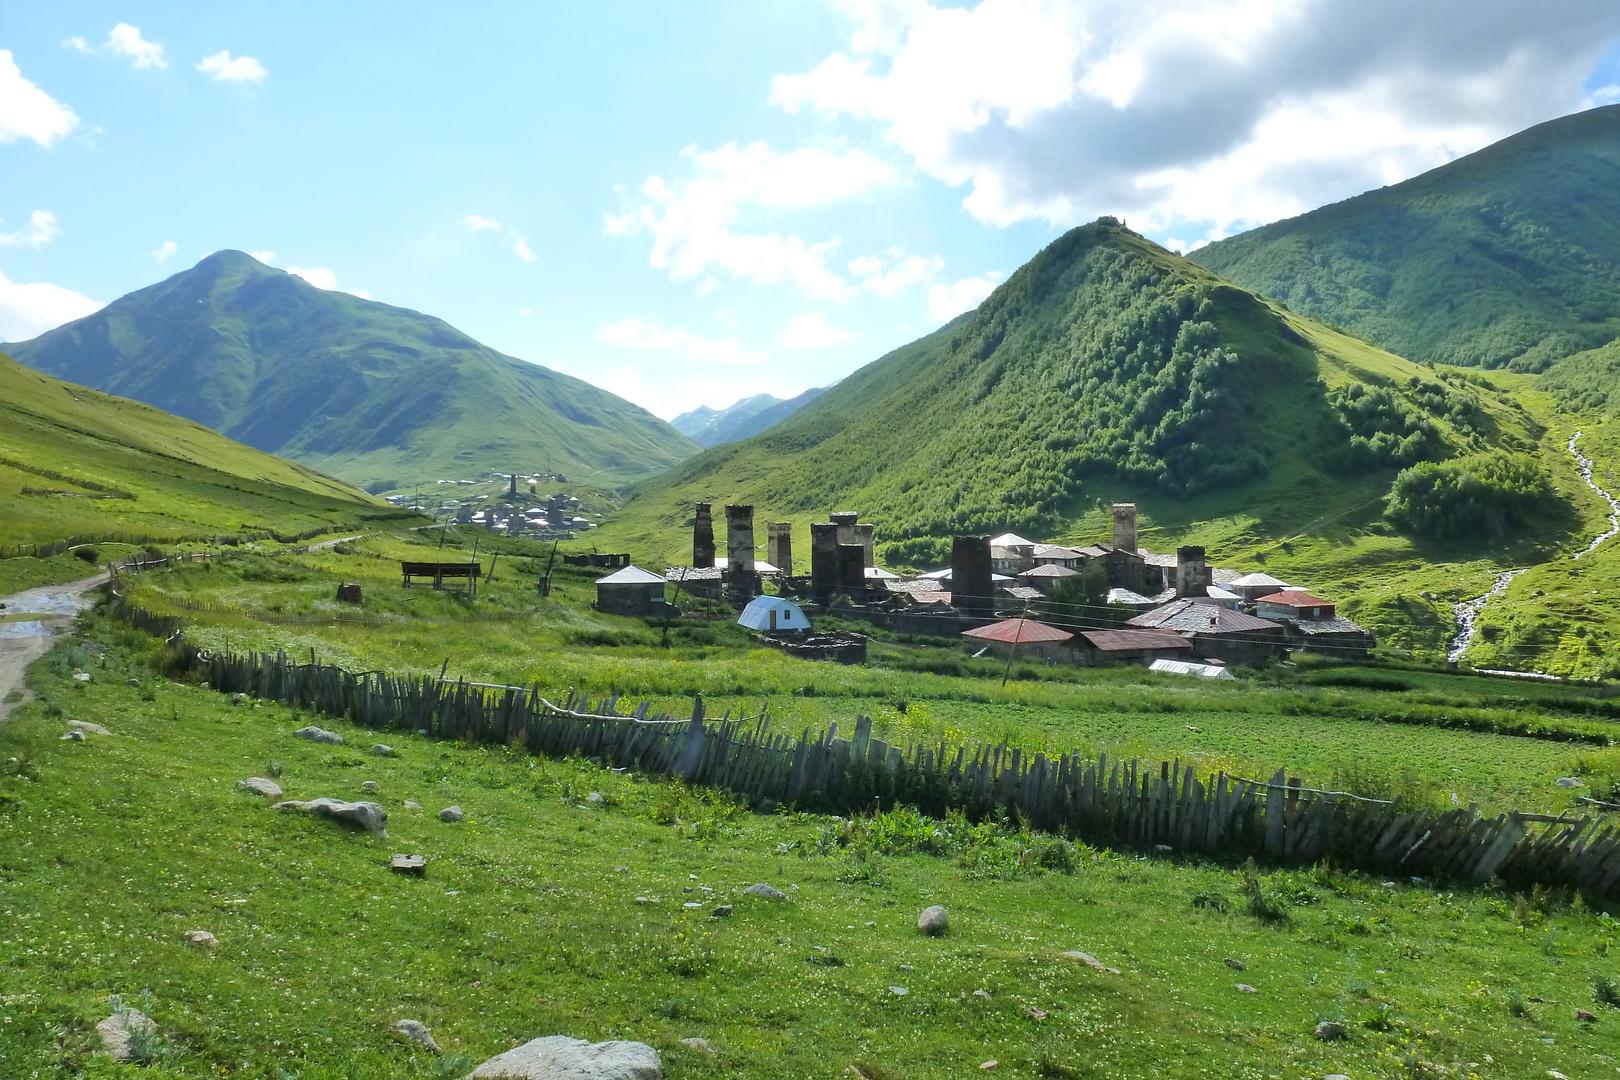 Swanetisches Dorf mit Wehrtürmen